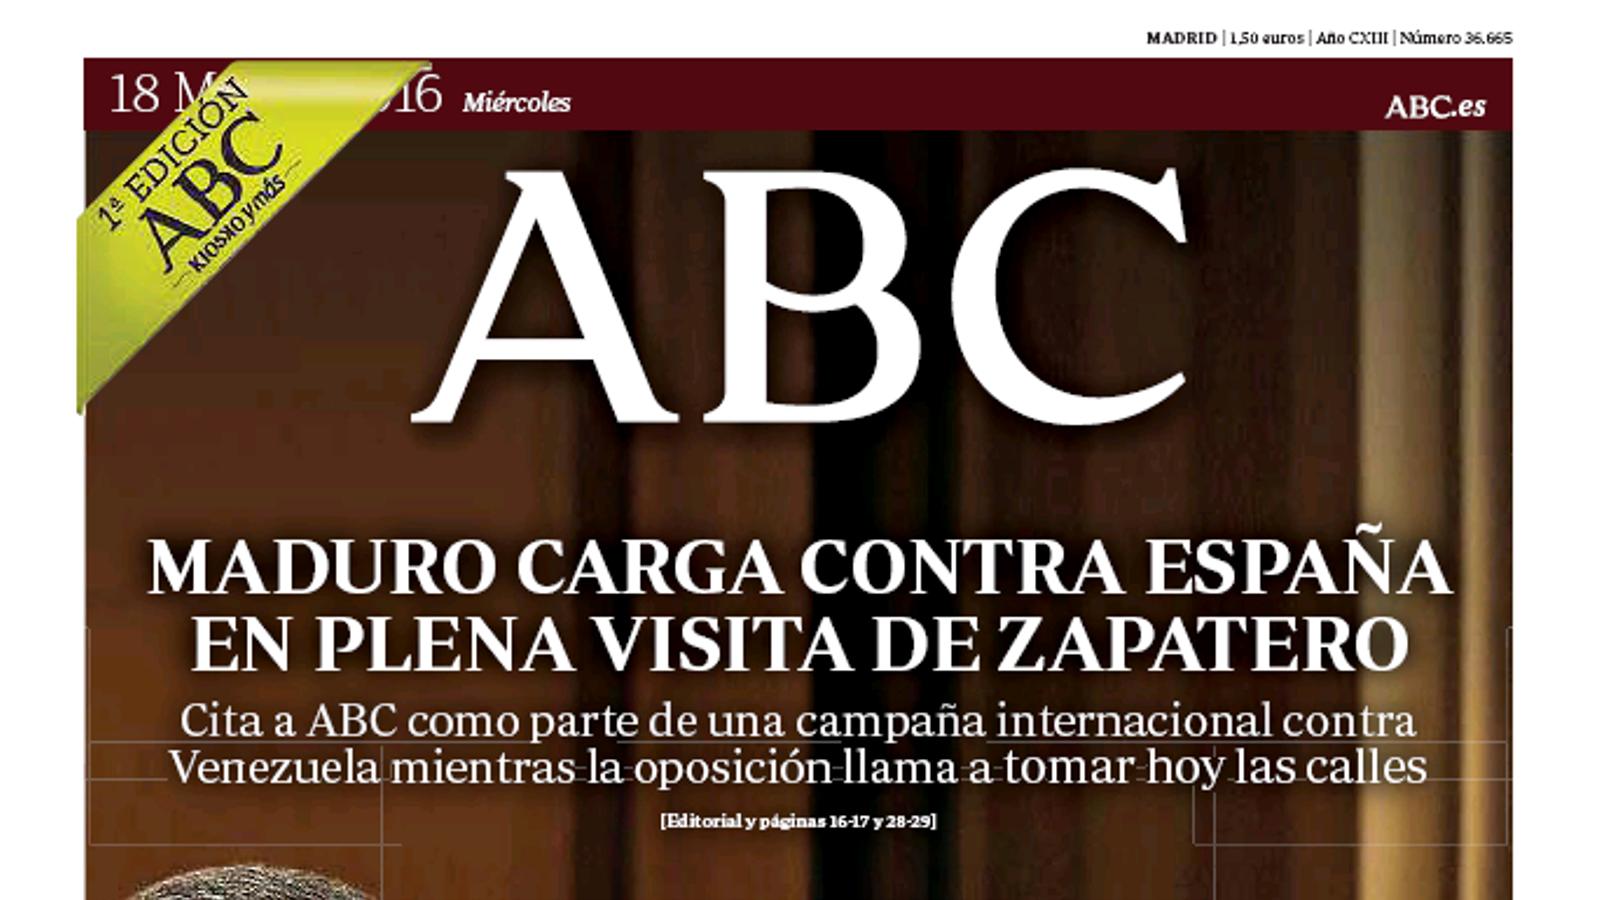 Portada de l'ABC